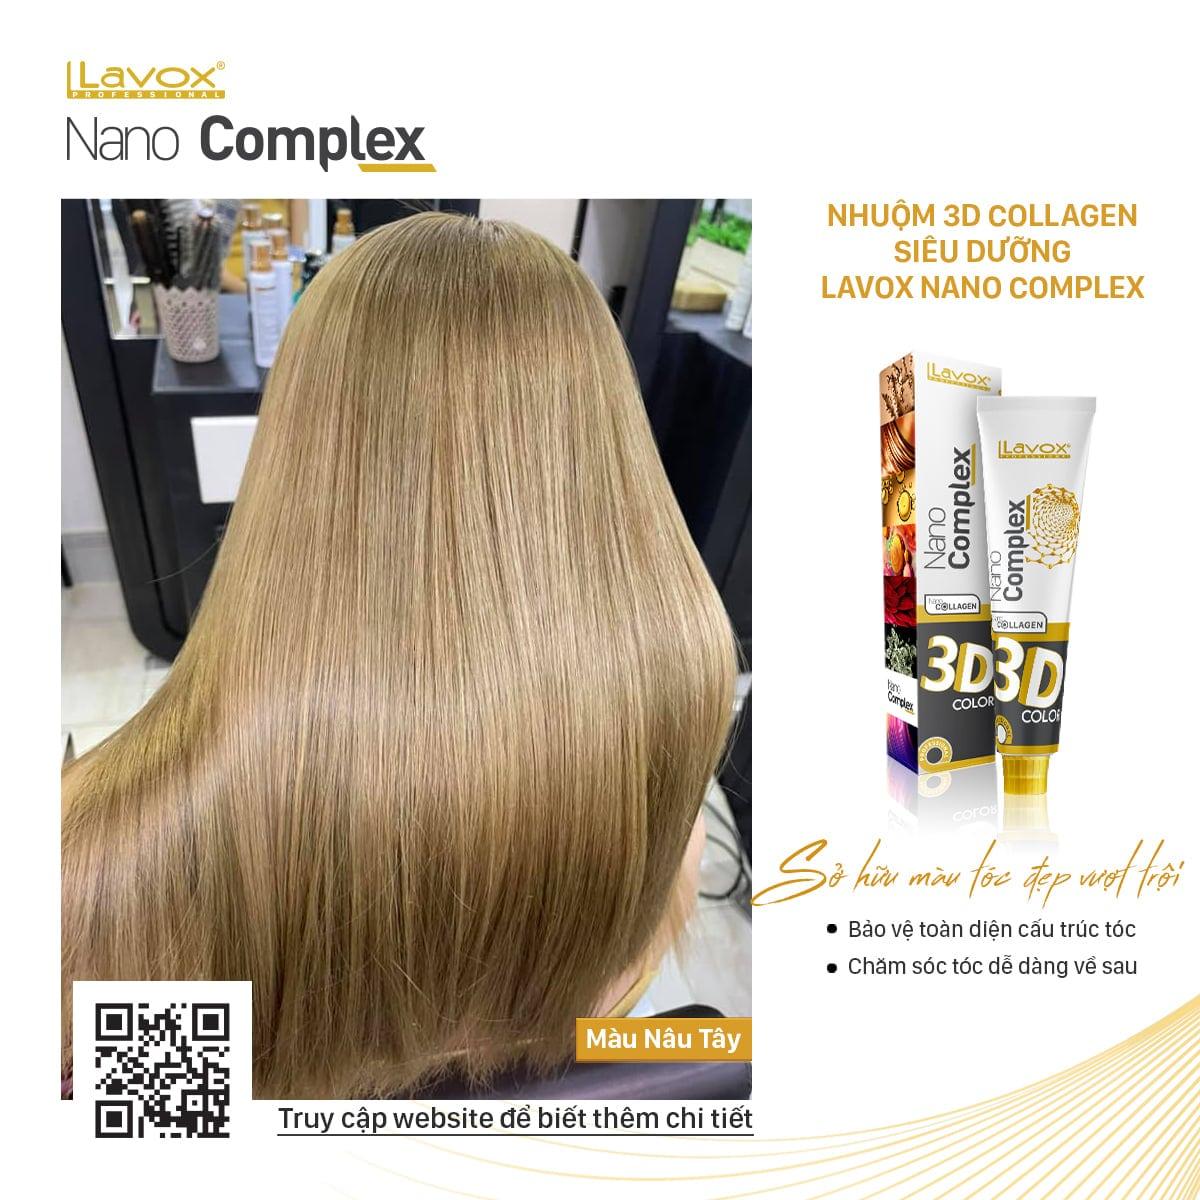 Nhuộm 3D Collagen siêu dưỡng Lavox Nano Complex lựa chọn cho mái tóc chuẩn màu